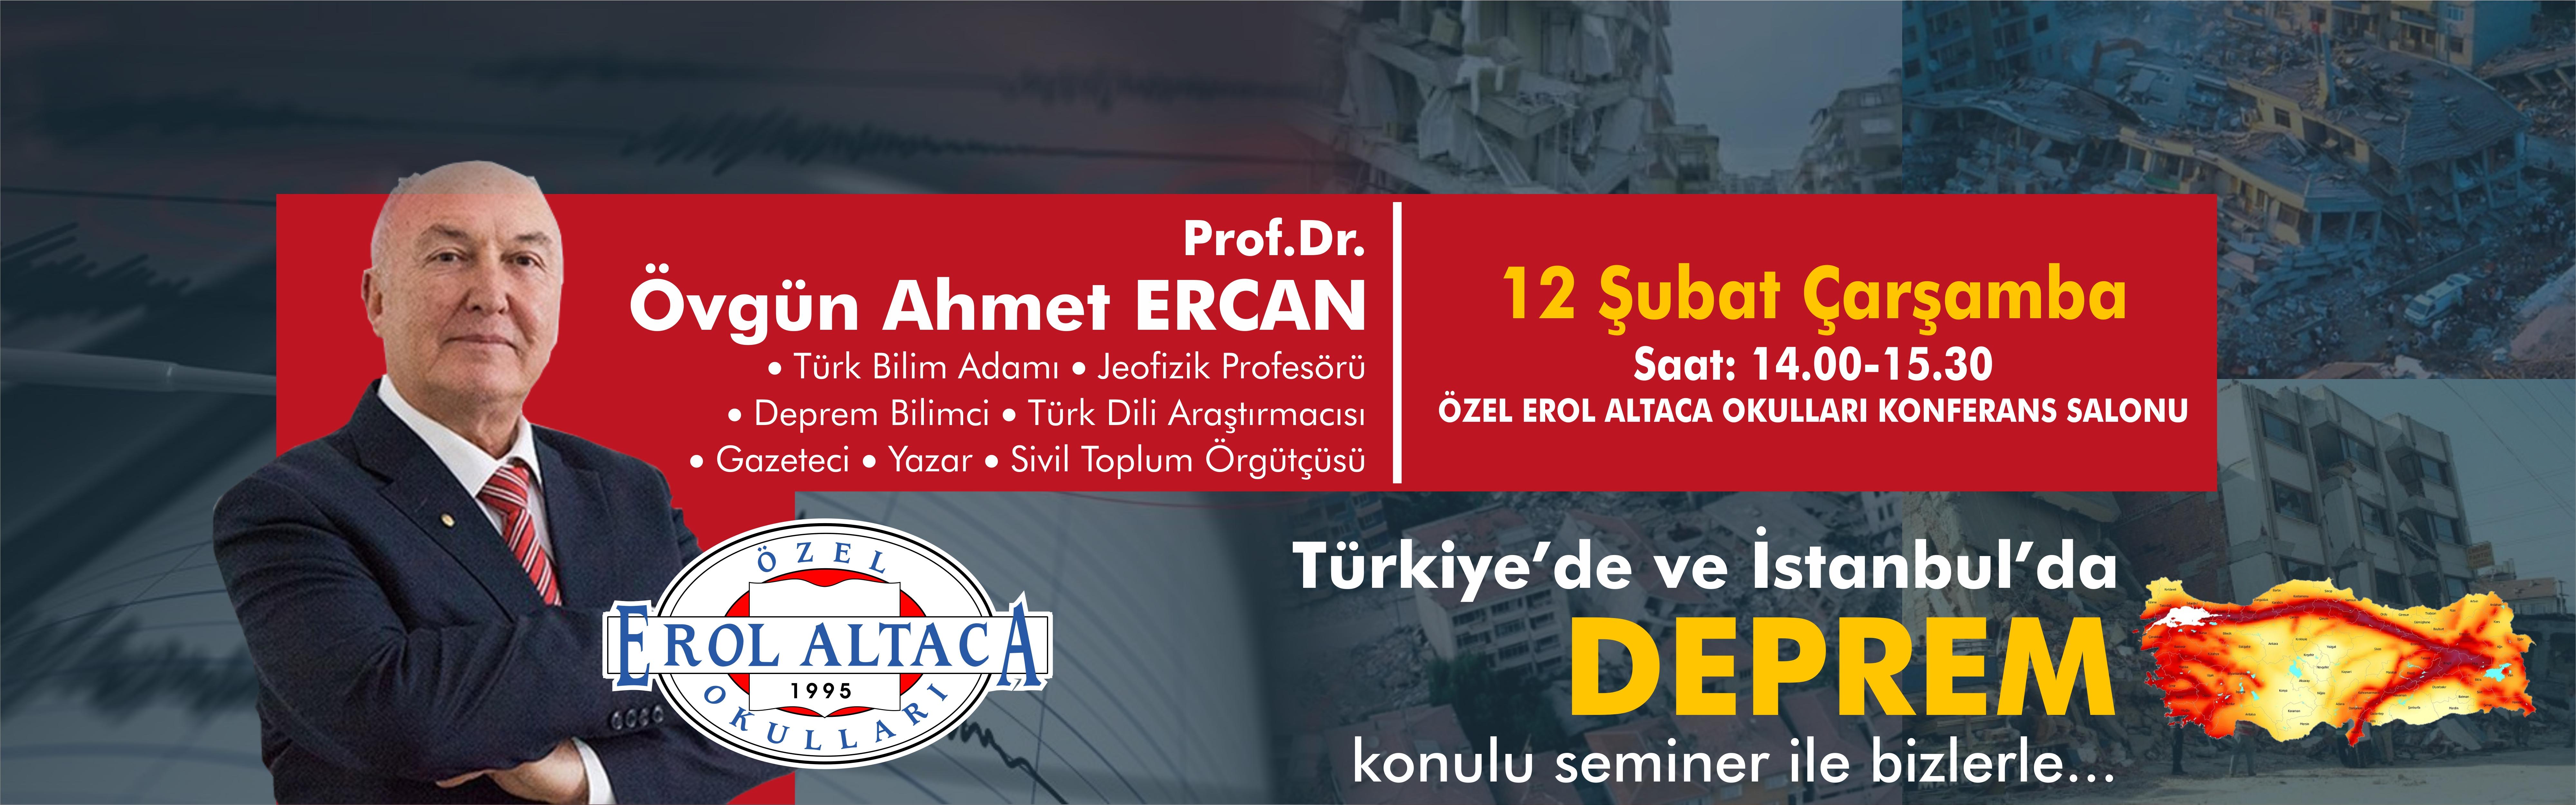 Prof. Dr. Övgün Ahmet ERCAN Türkiye de ve İstanbul da DEPREM konulu semineri ile bizlerle...